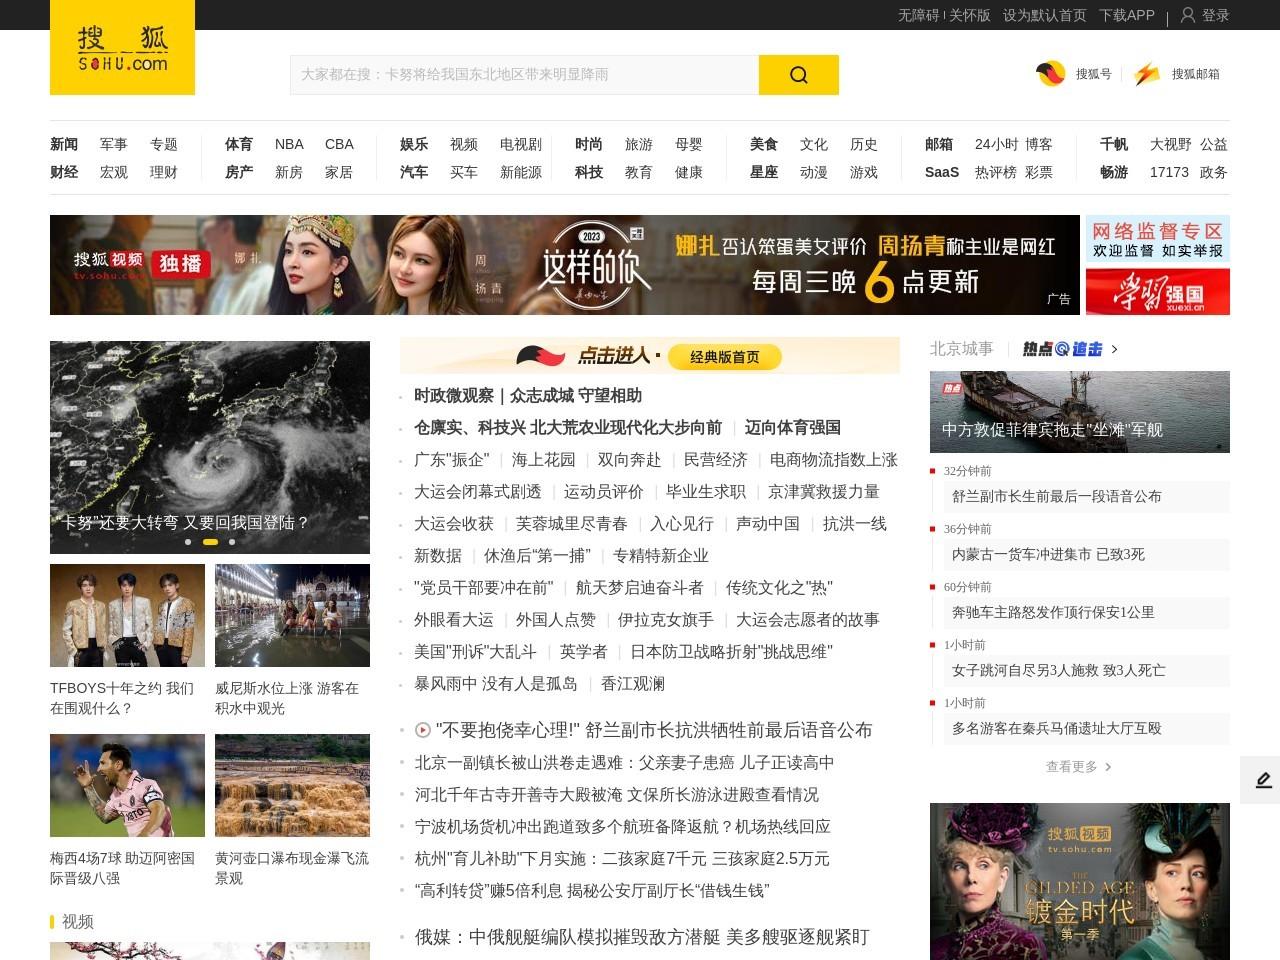 发现张謇:治理现代化的近代本土资源_中国